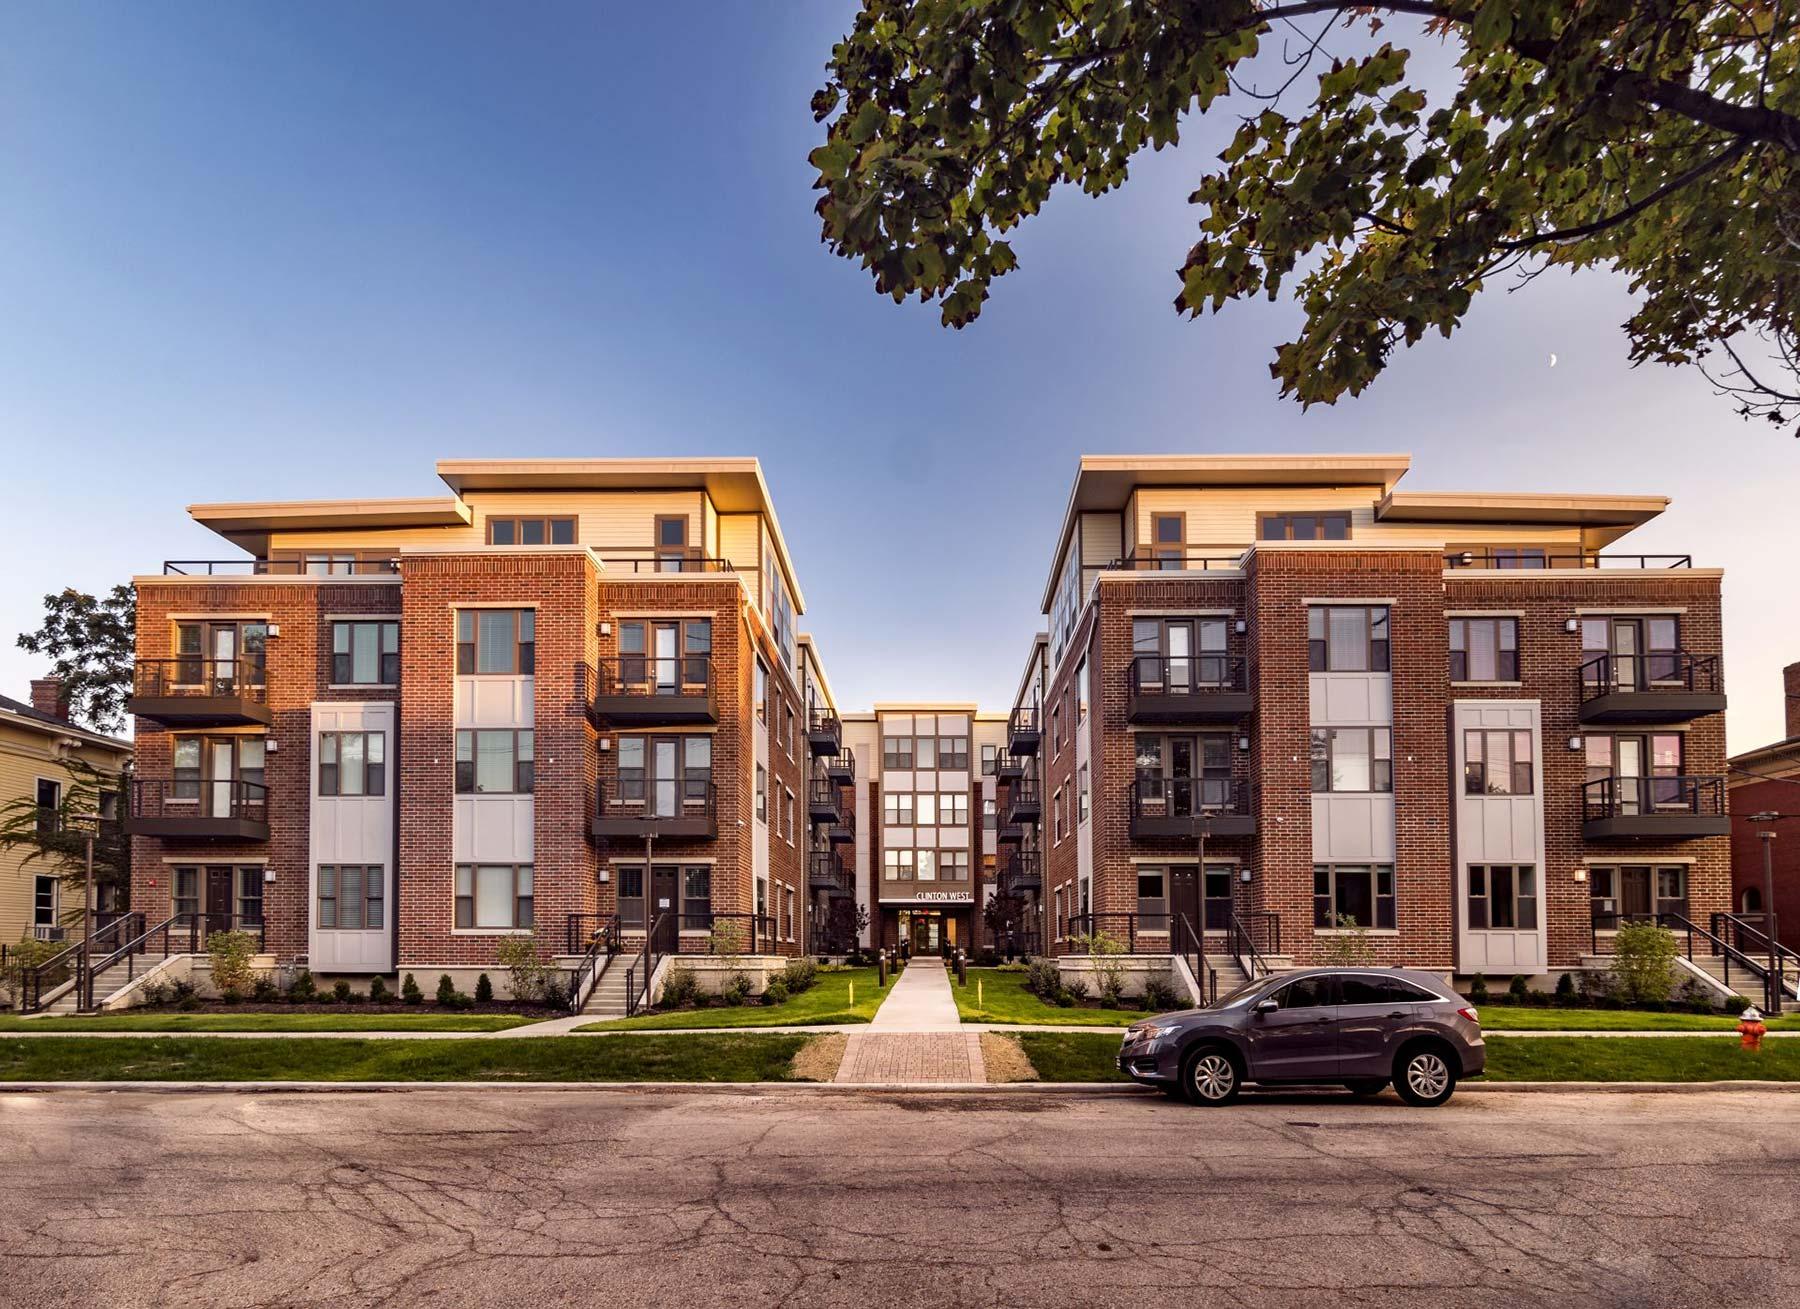 Luxury Ohio City Apartments | Clinton West Ohio City